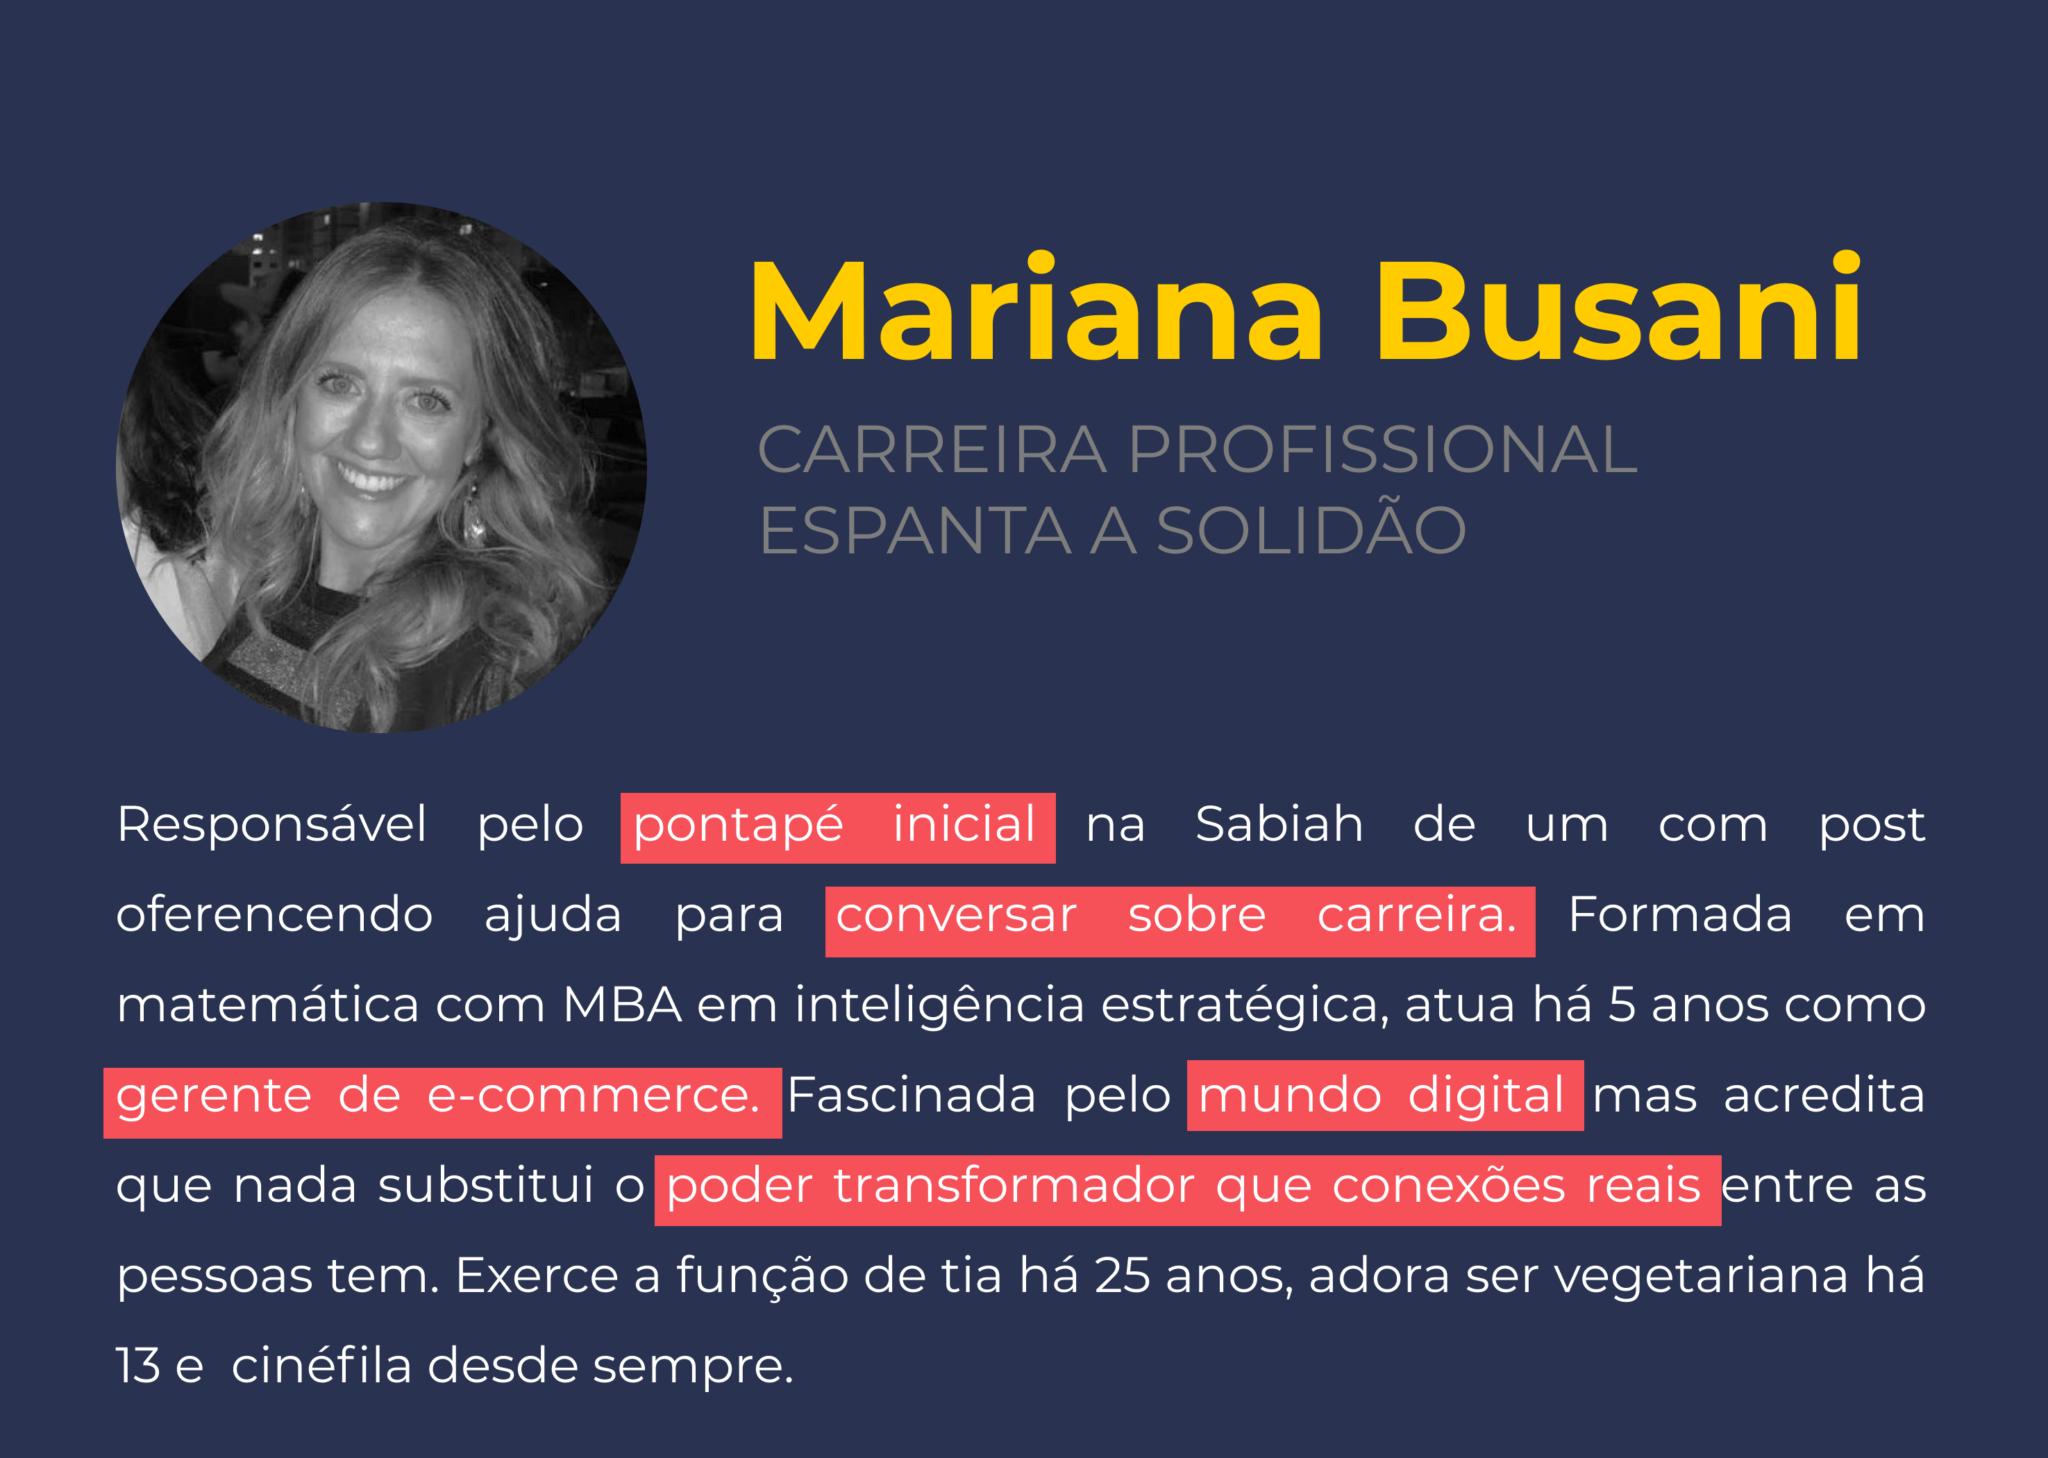 mariana_busani_bio